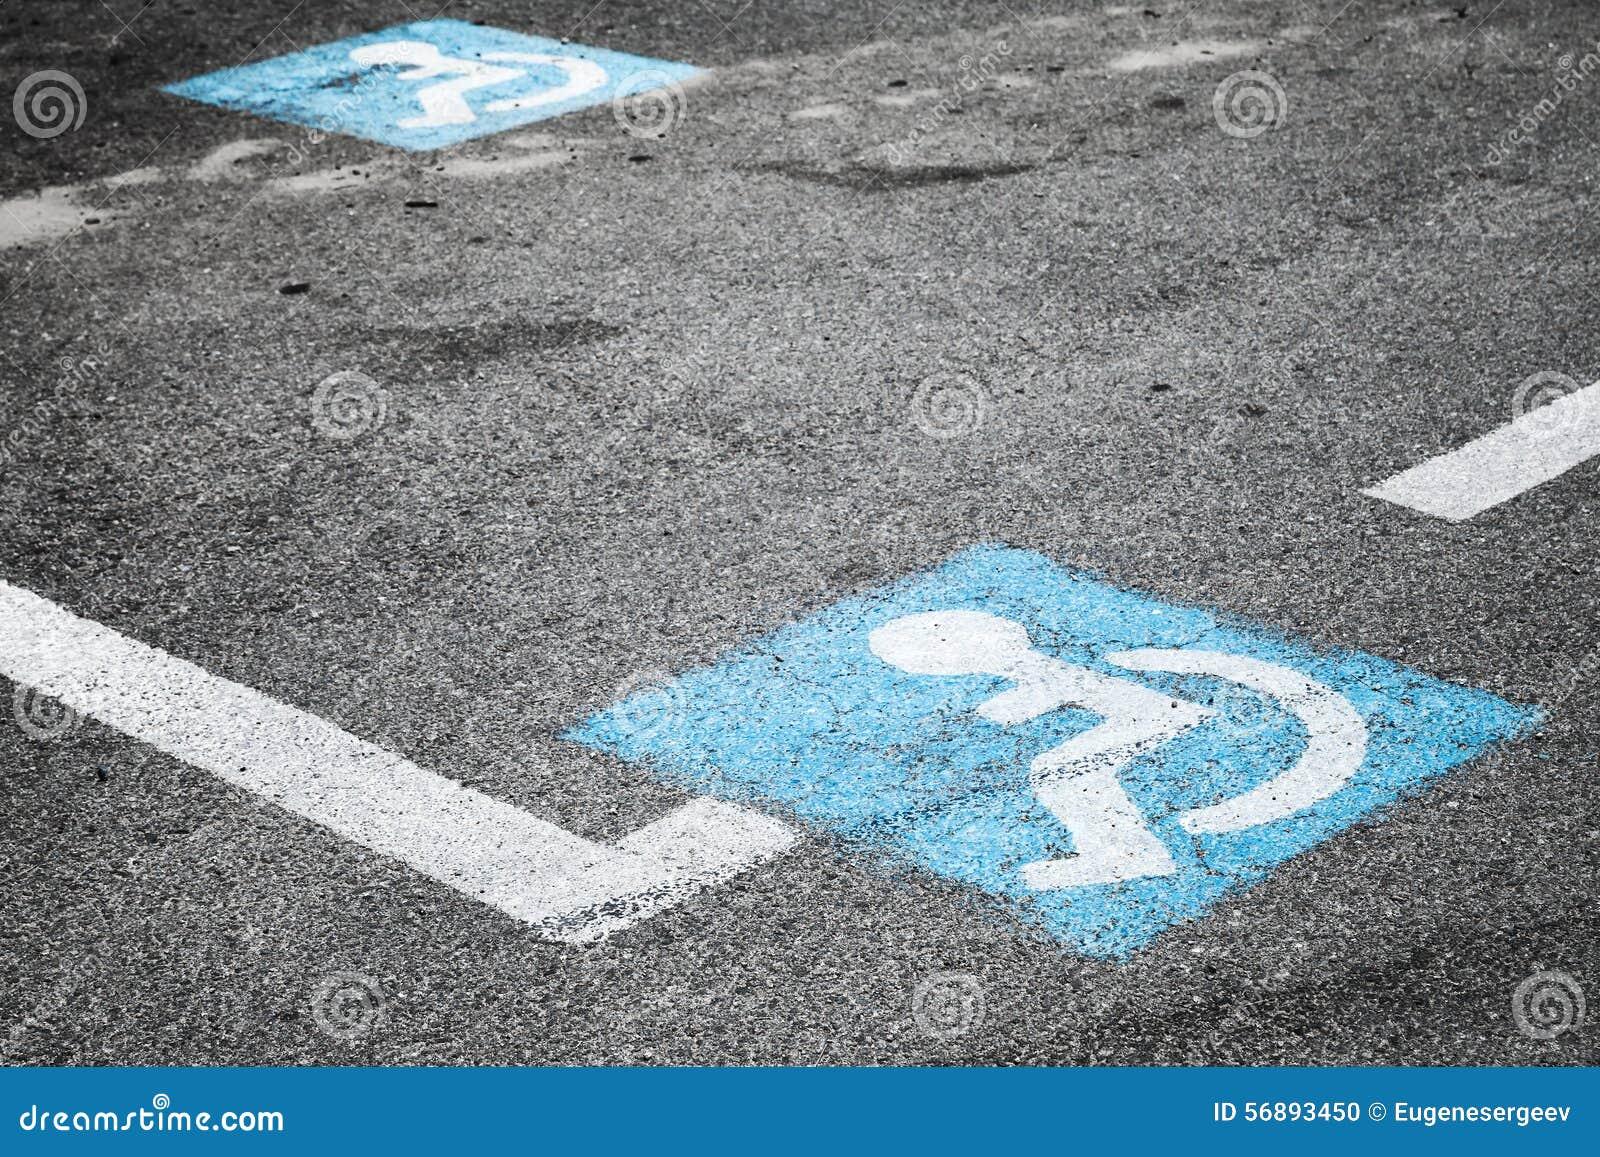 Drogowy ocechowanie miejsce dla niepełnosprawnych persons